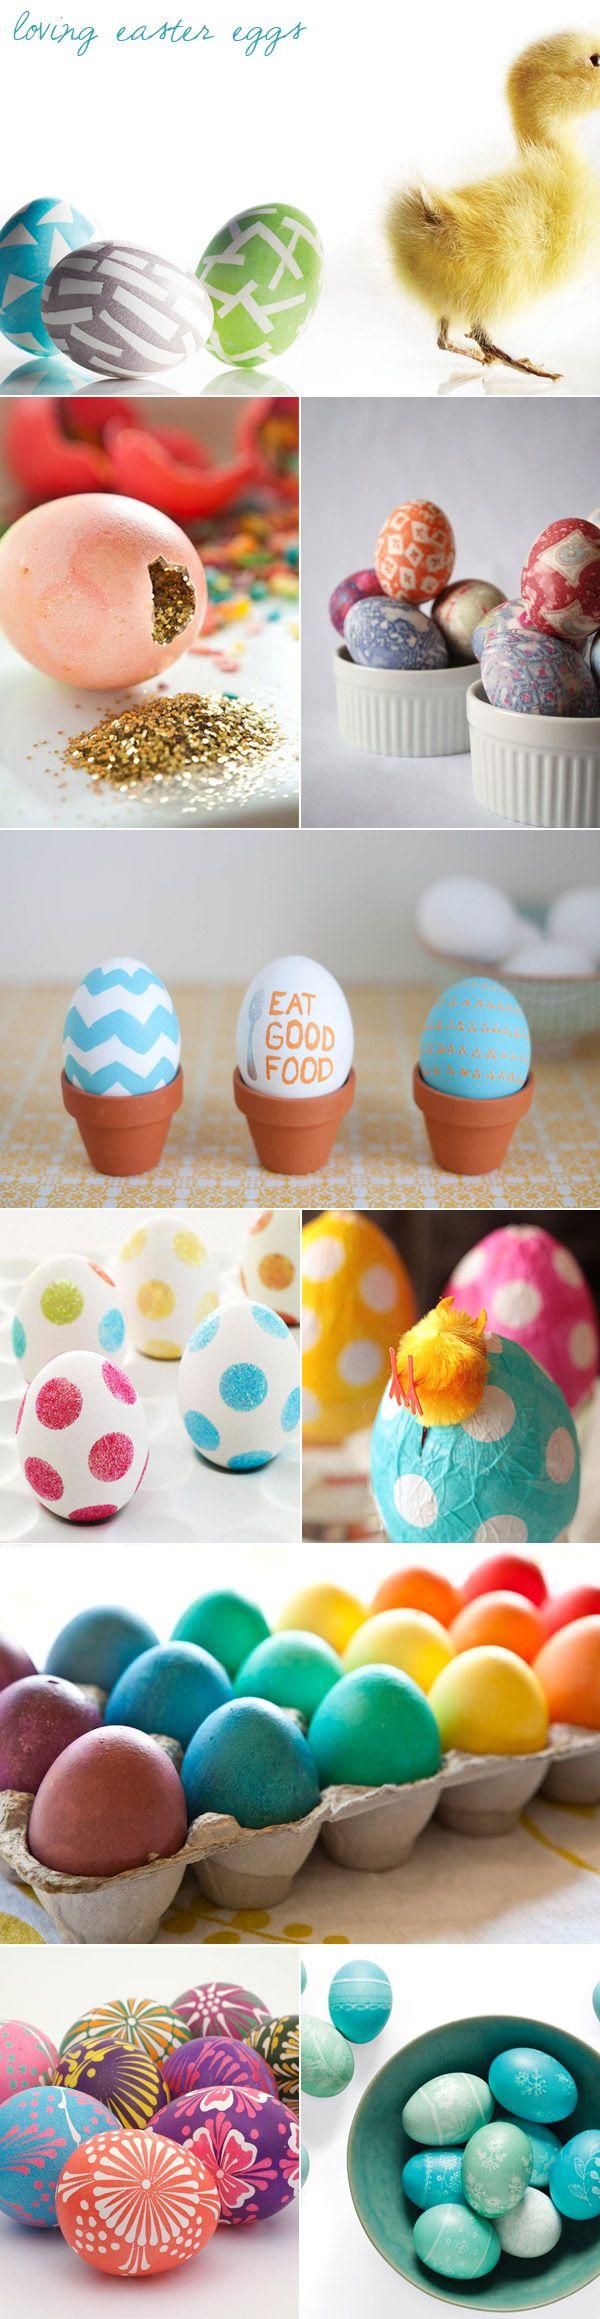 Ideas para decorar los huevos de pascua con los peques de la casa. Por @Chris Roe Converse | The Sweetest Occasion #Pascua #Mona #Huevos #DIY